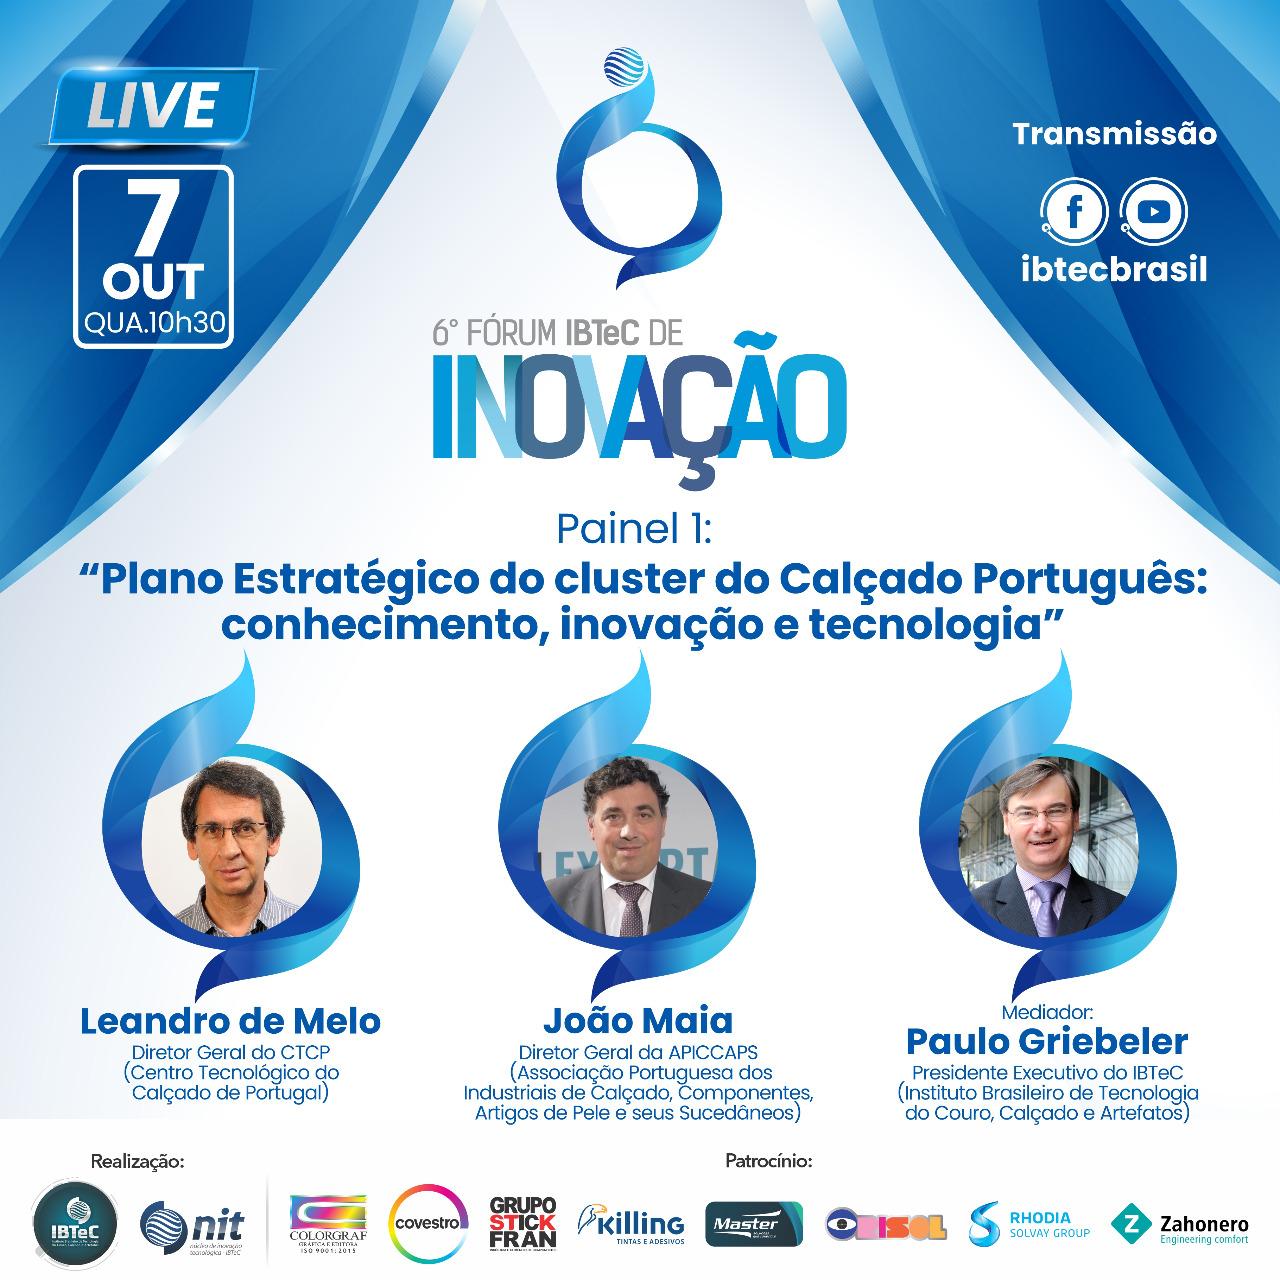 Plano Estratégico do cluster do calçado Português: conhecimento, inovação e tecnologia